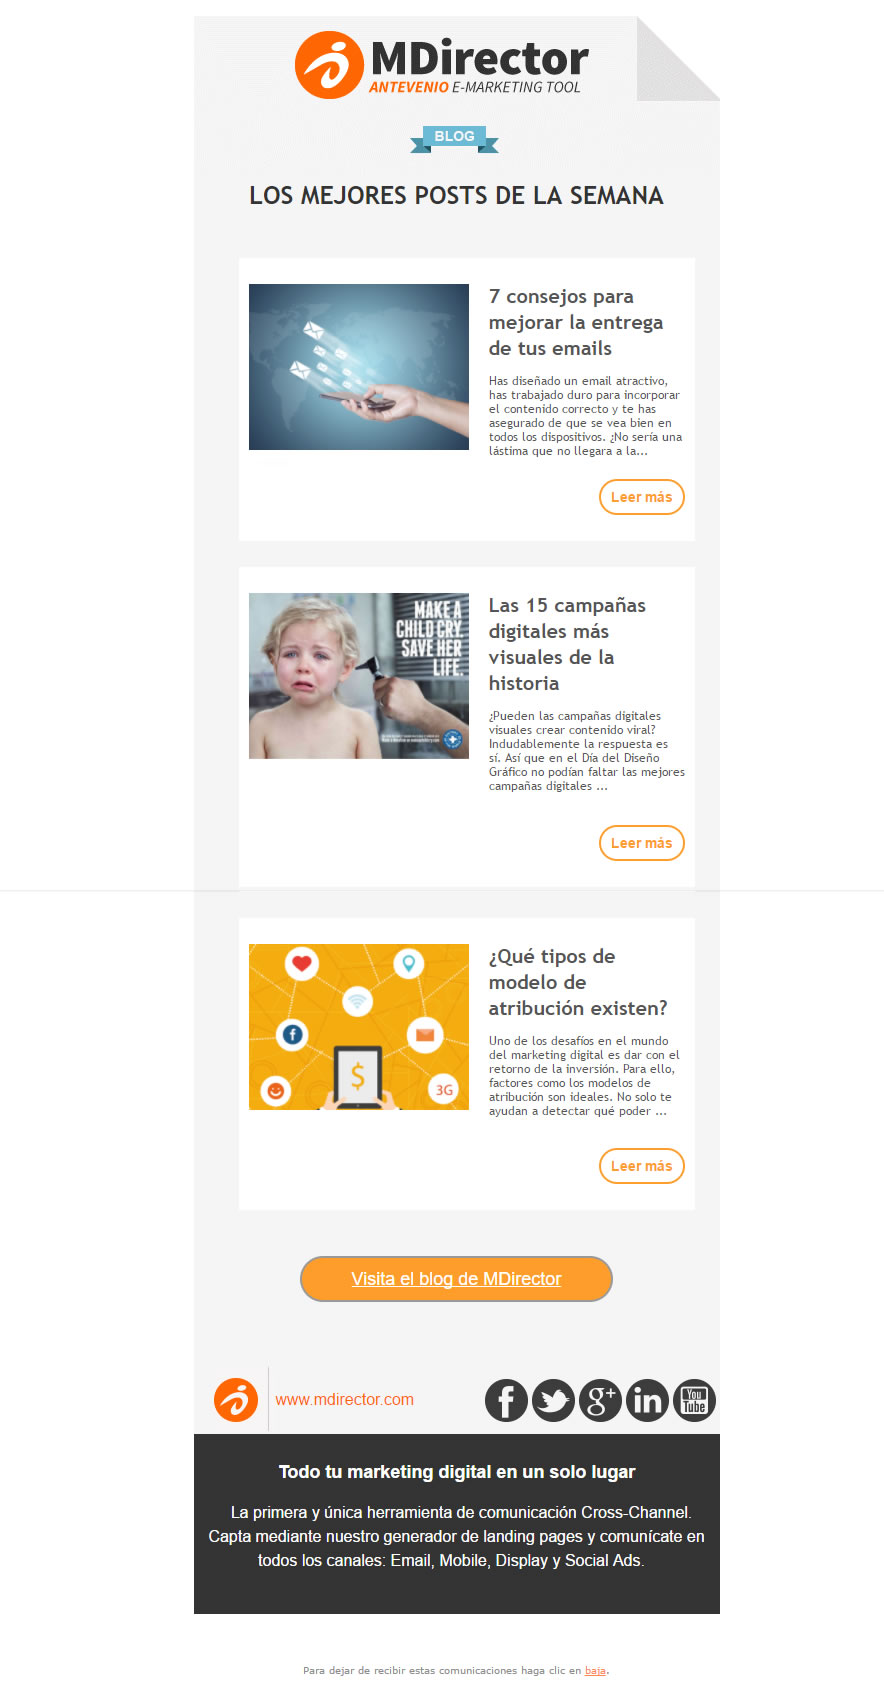 ejemplo de email marketing automation